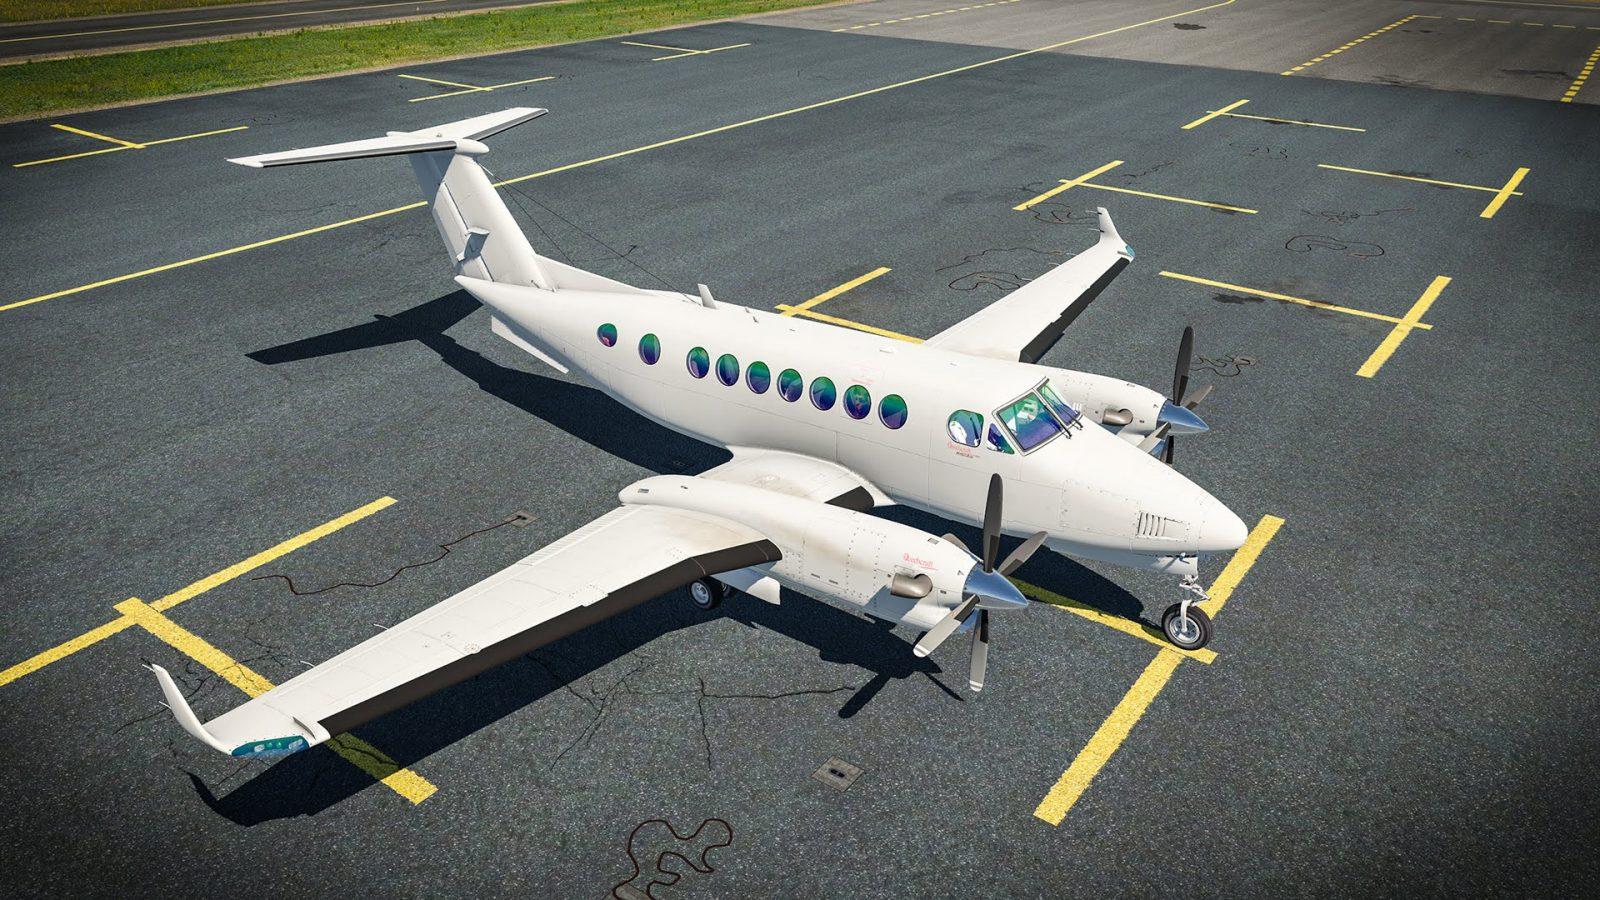 airfoillabs-king-air-350-36-1600x900.jpg